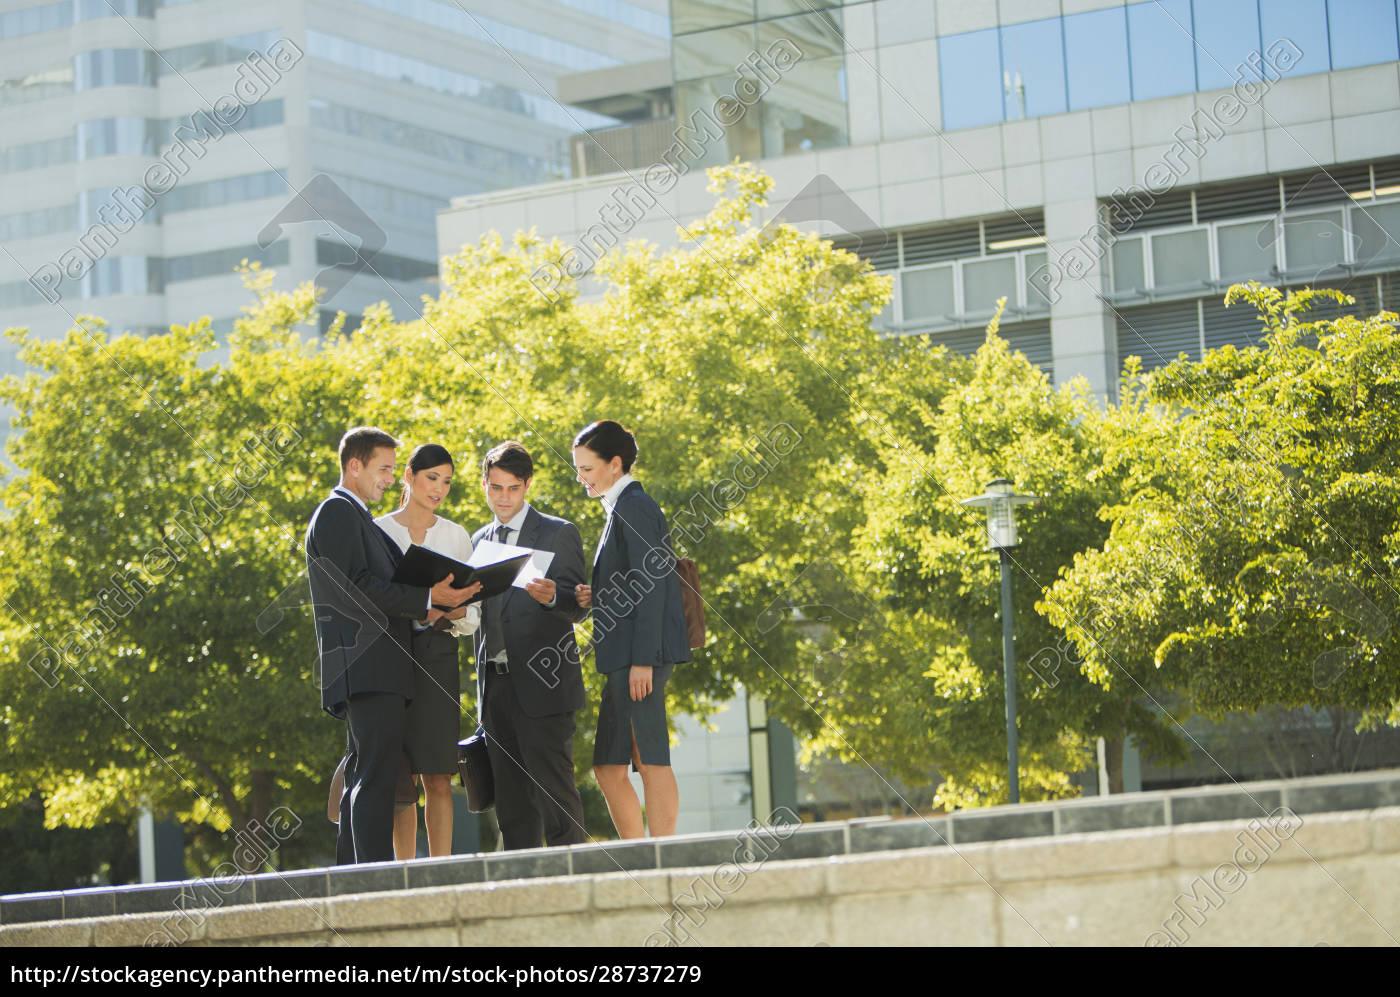 ludzie, biznesu, omawiający, dokumenty, na, zewnątrz - 28737279